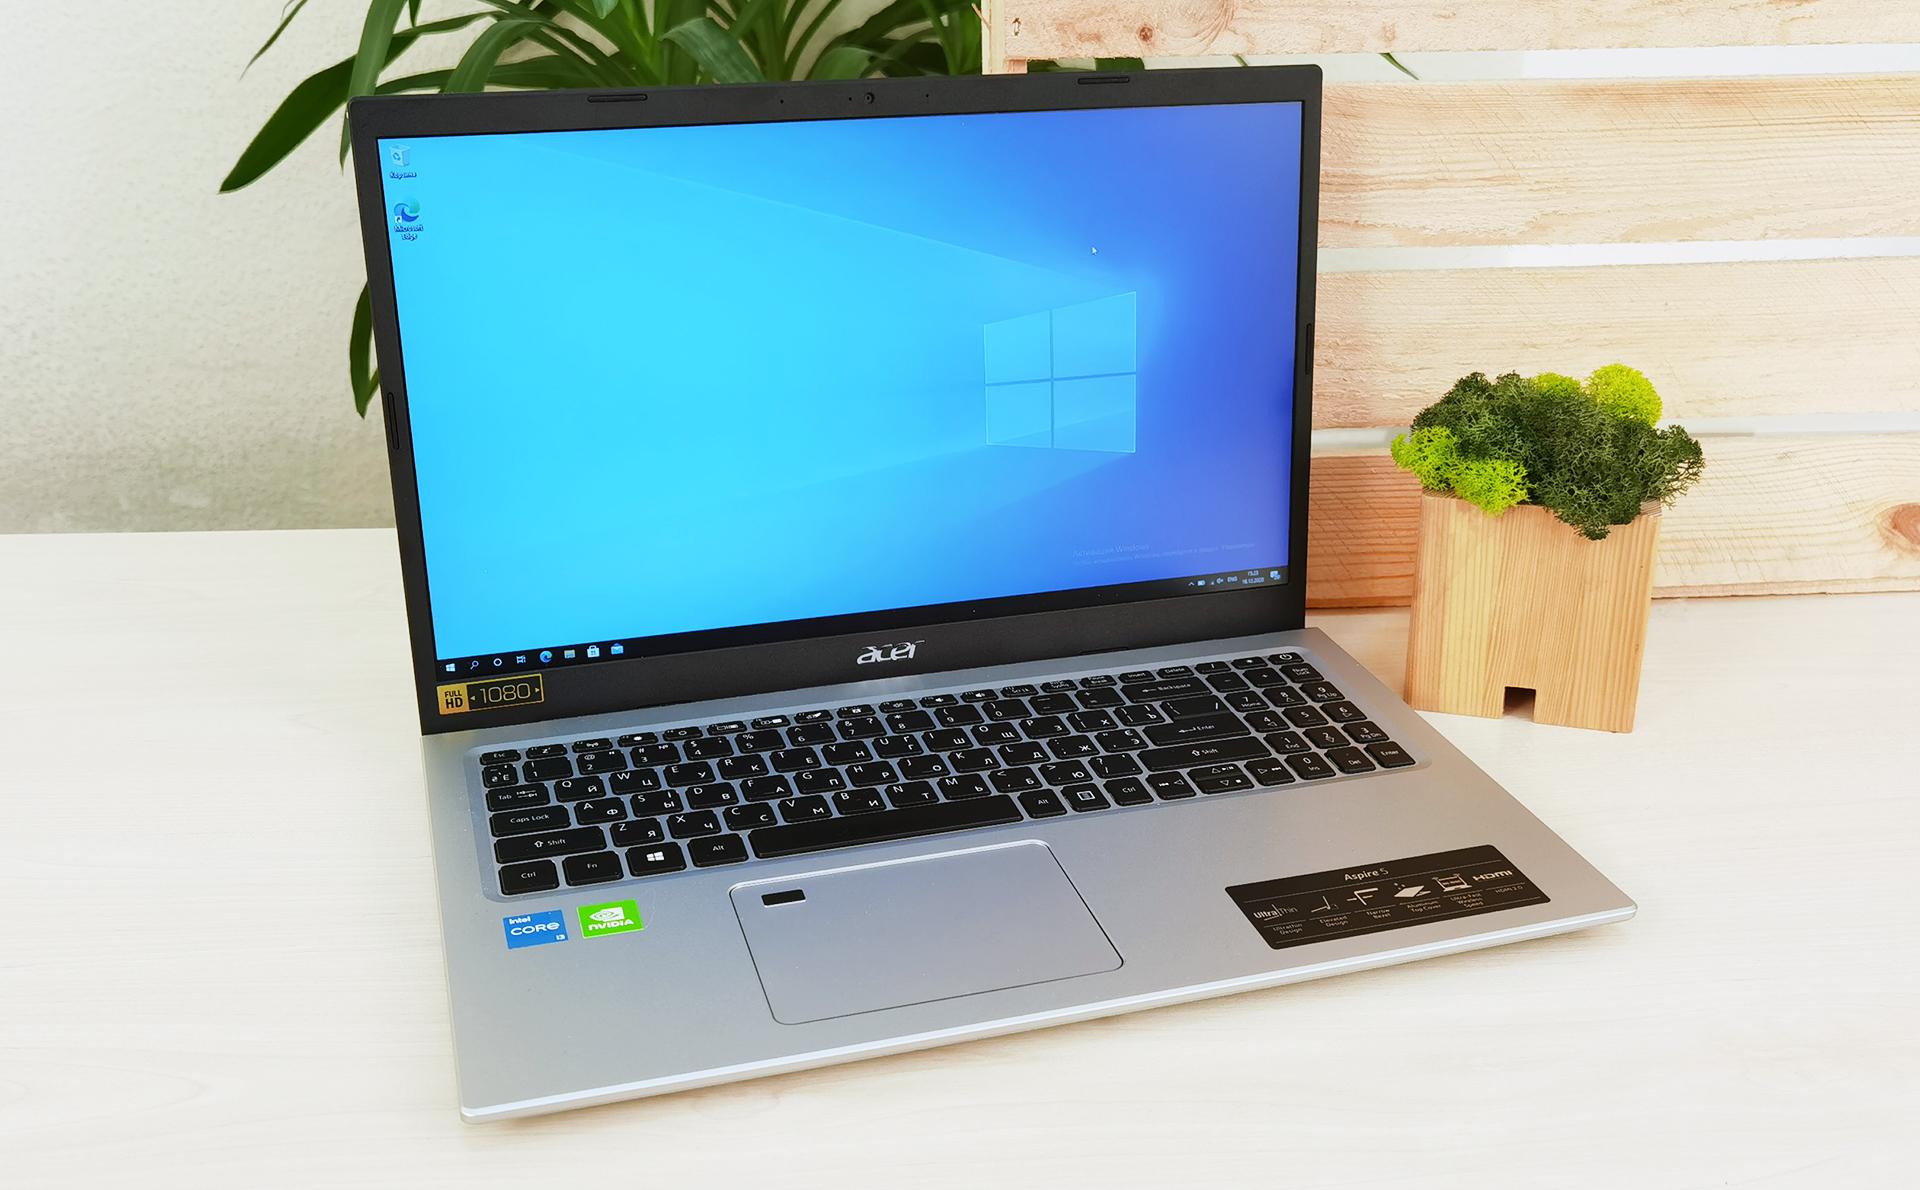 Обзор Acer Aspire 5: самый доступный ноутбук с Intel Tiger Lake, IPS-дисплеем и дискретной графикой